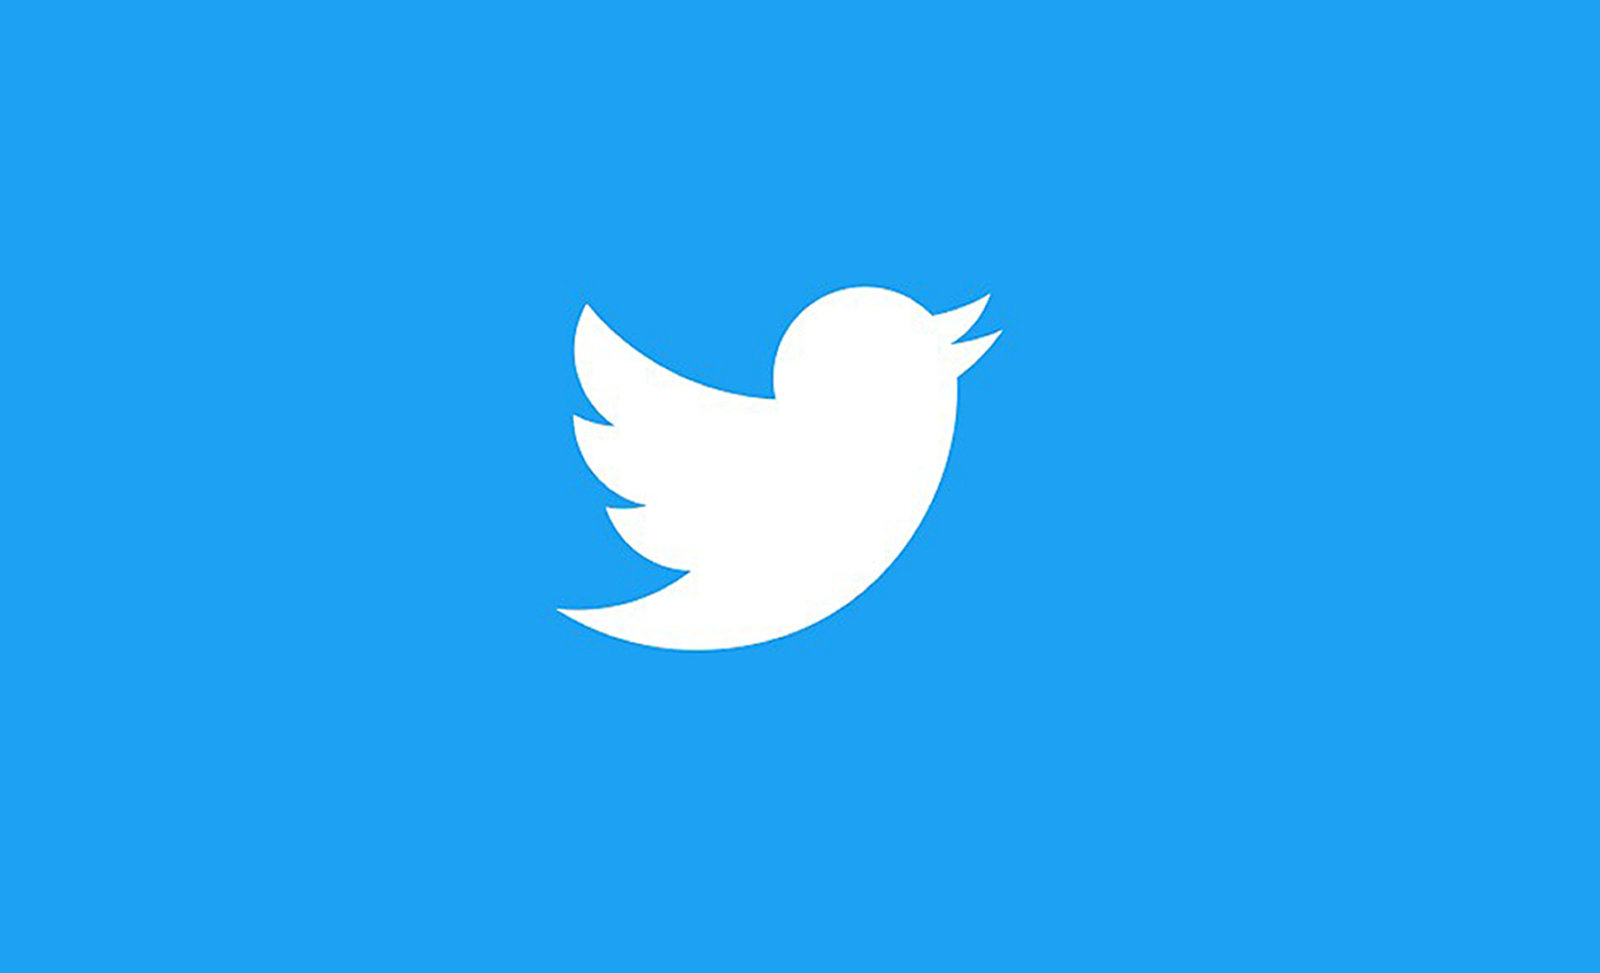 تويتر تخطط لإطلاق منصة اشتراكات مدفوعة على شبكتها الاجتماعية (تقرير)